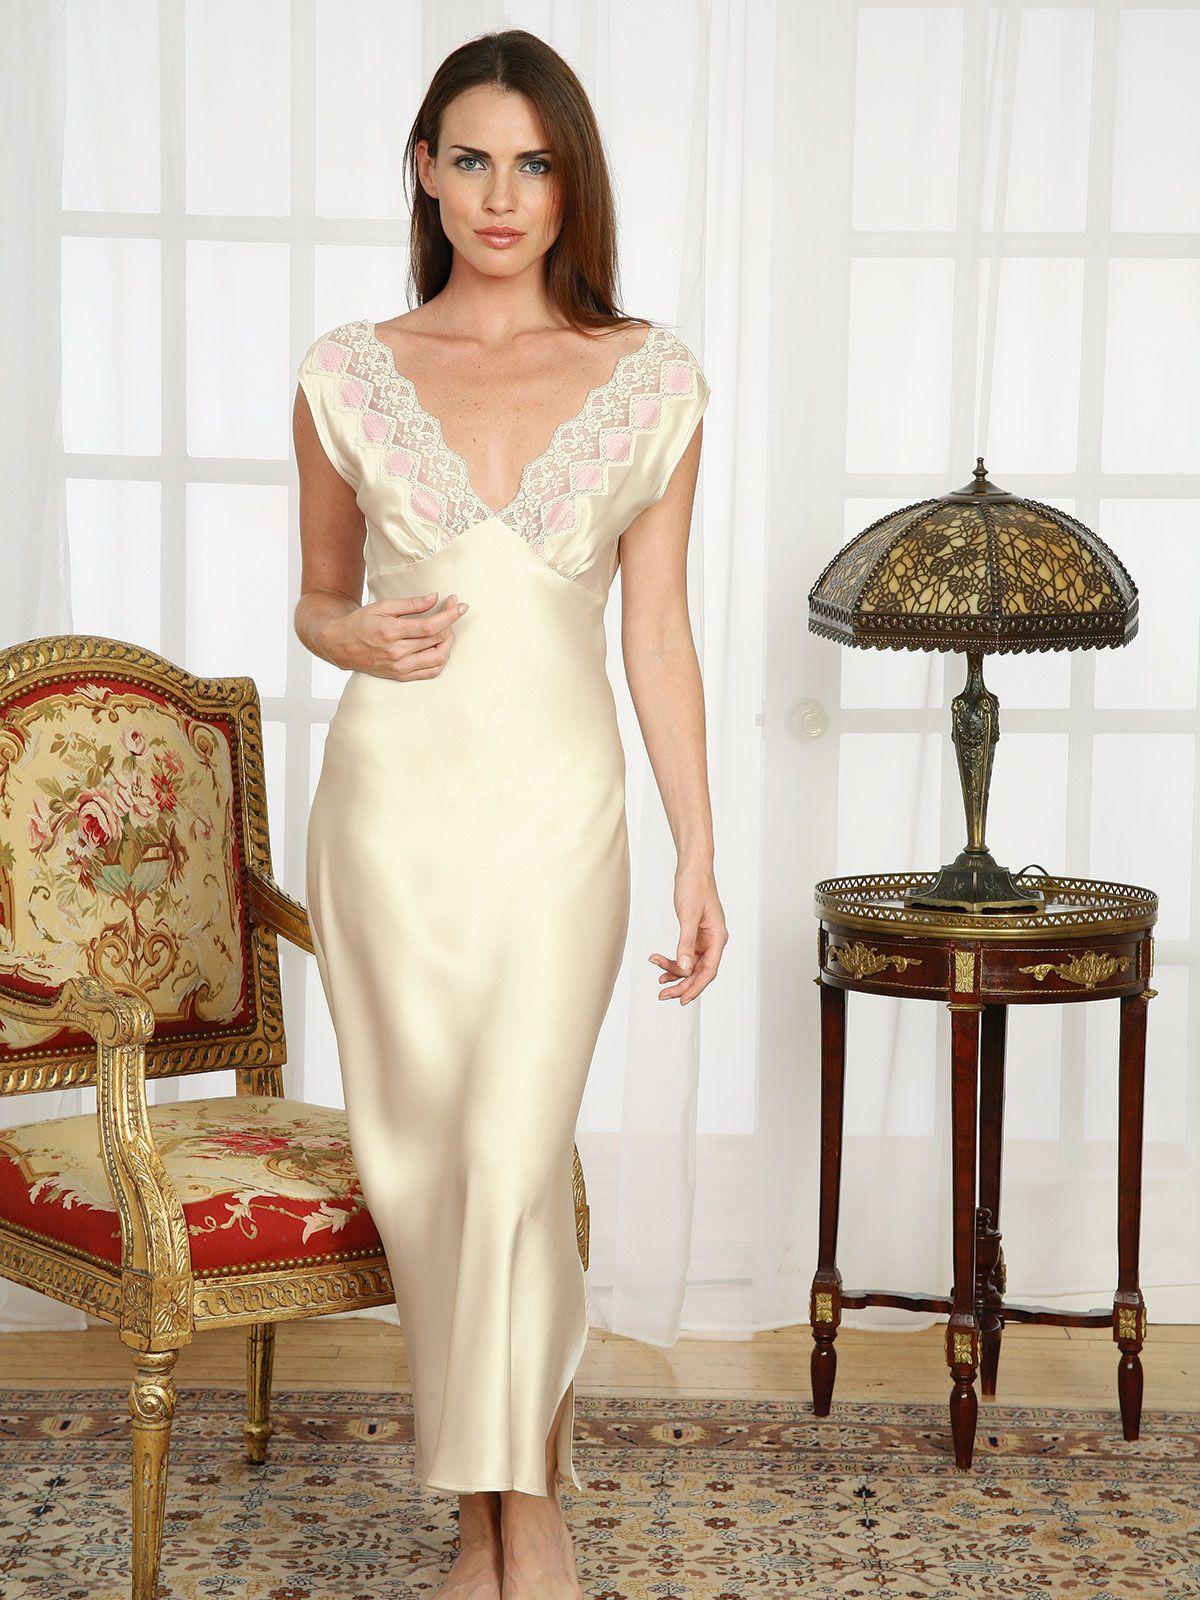 Francoise - Luxury Nightgowns - Luxury Nightwear - Schweitzer Linen ... 3802a0e4b